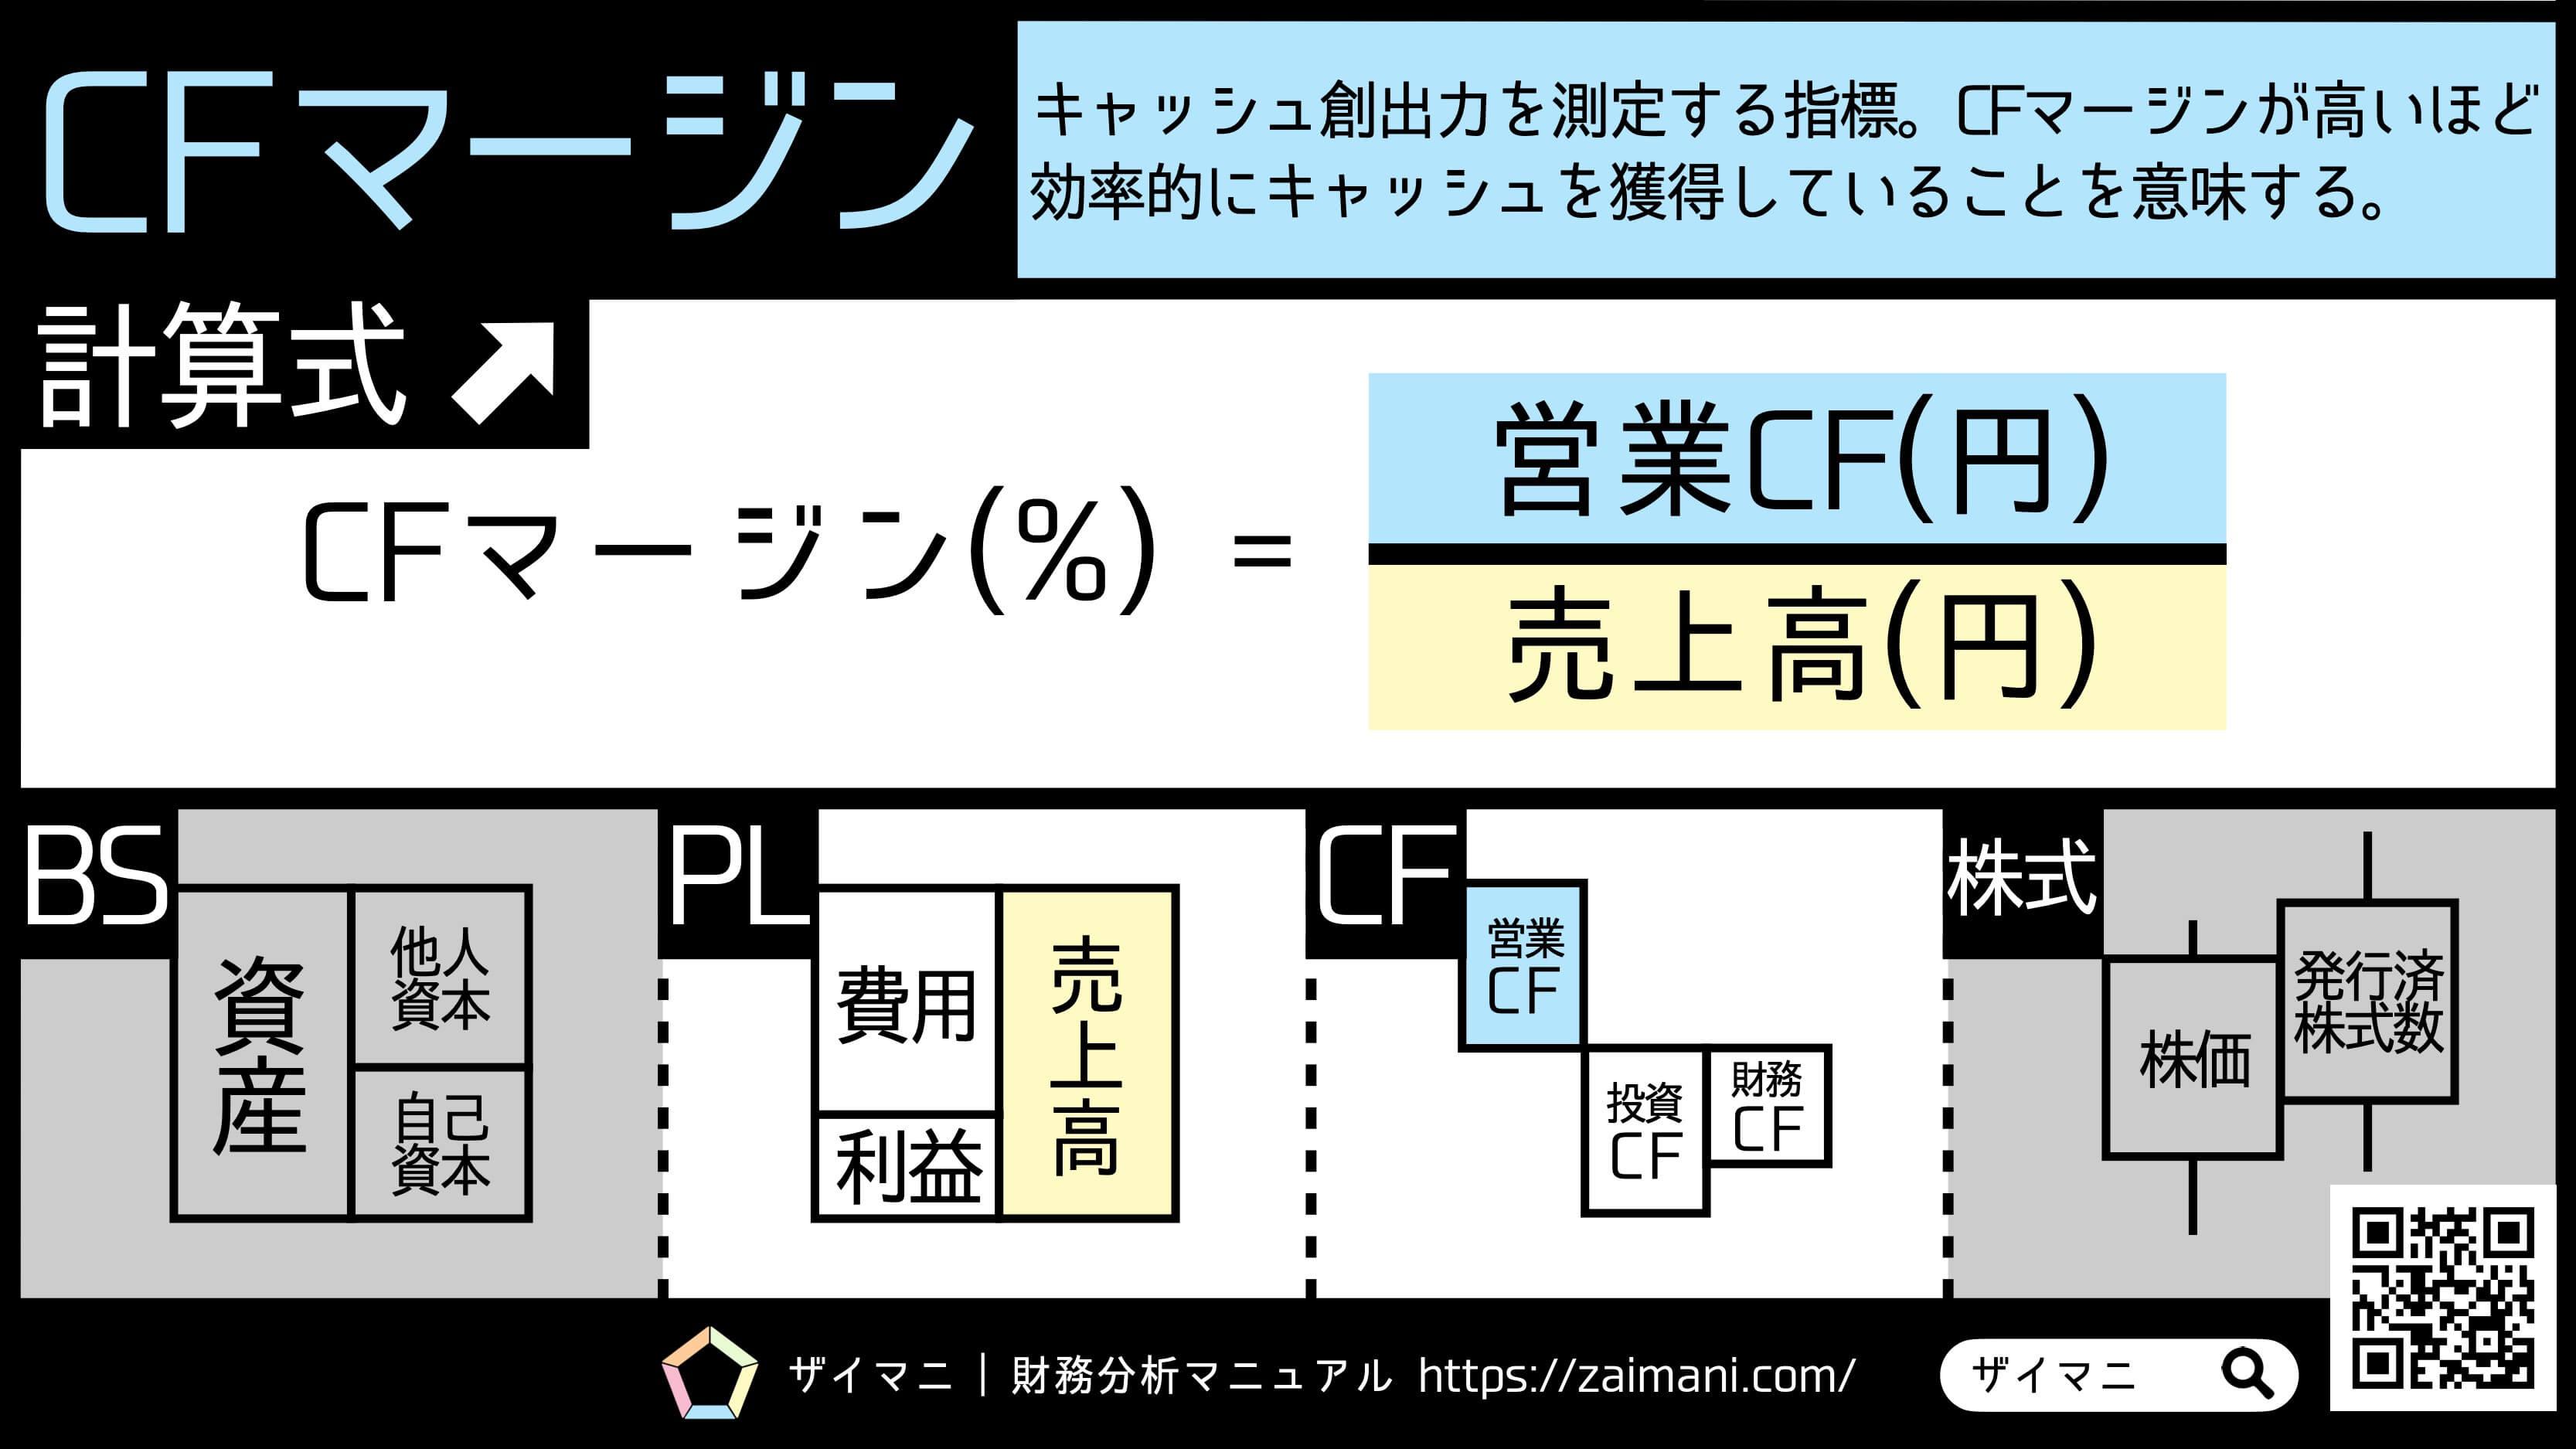 財務指標 | キャッシュフローマージンの意味・計算式